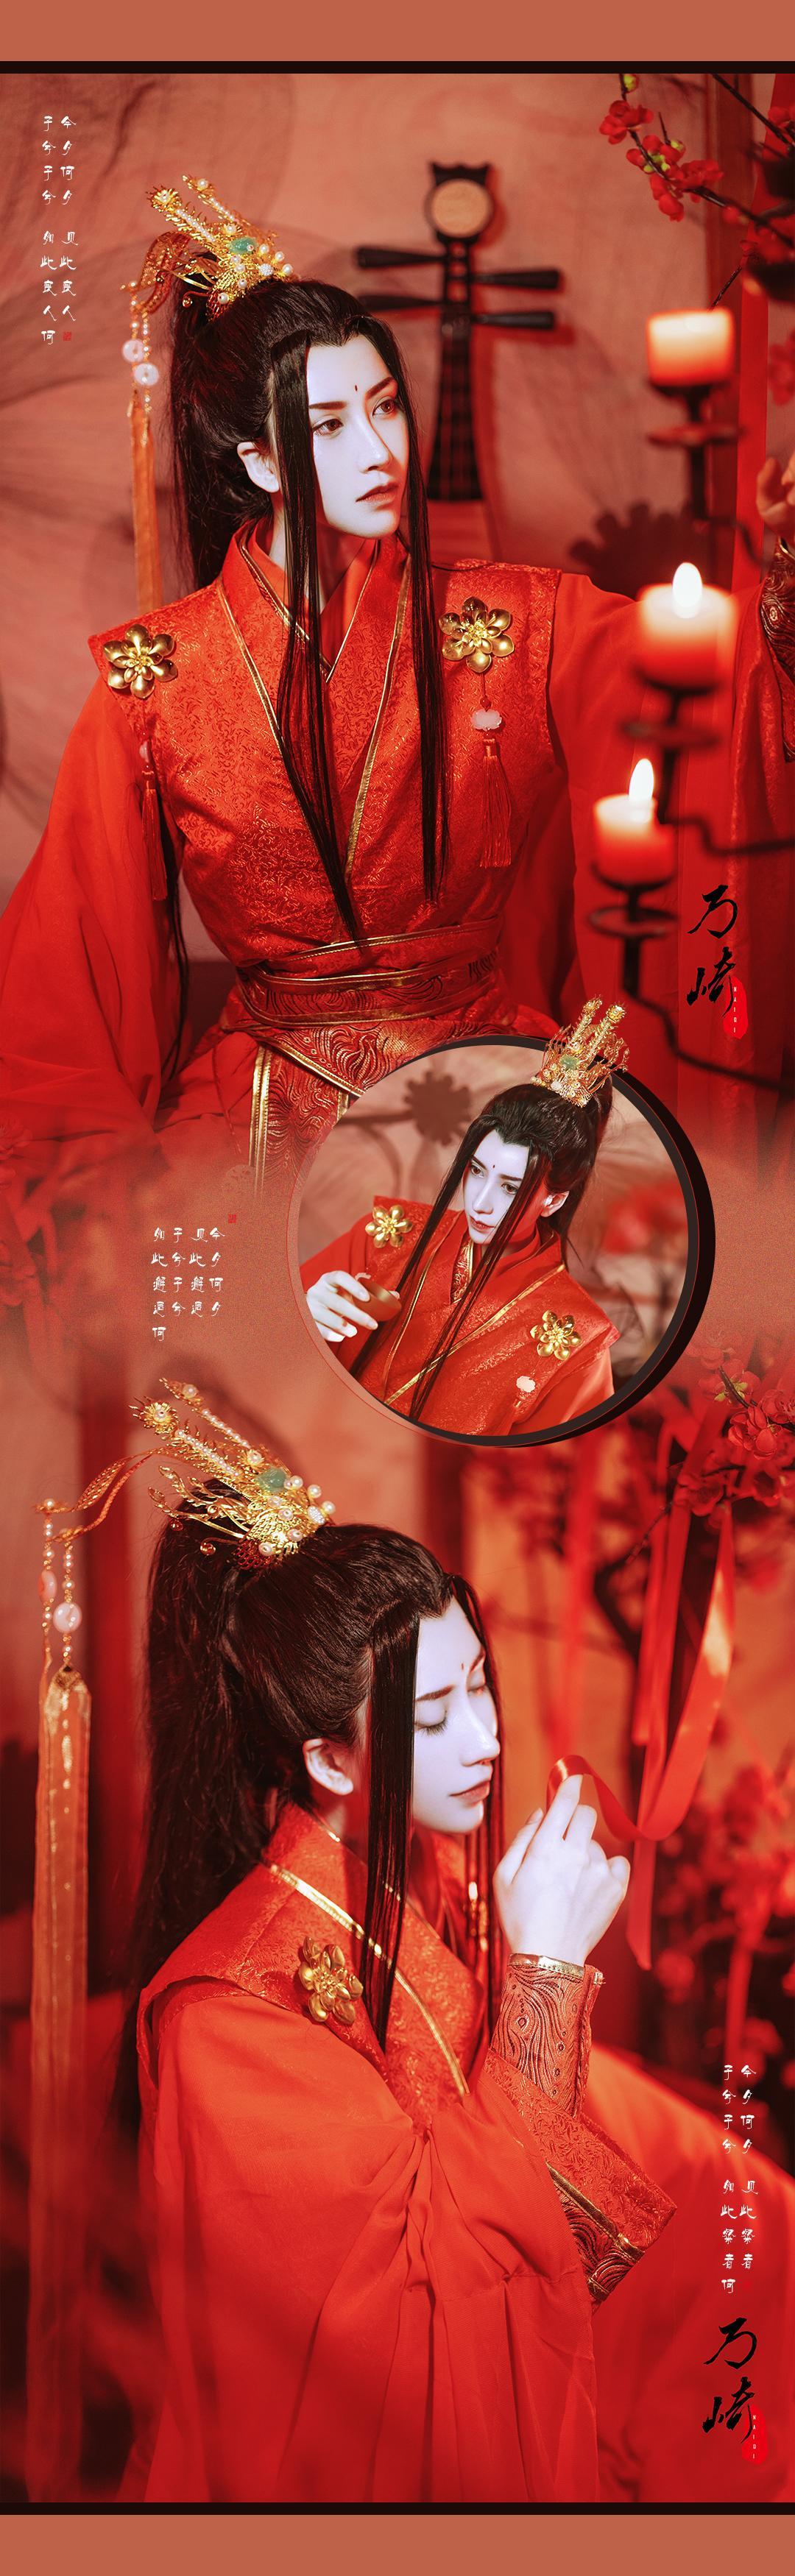 《魔道祖师》正片cosplay【CN:NAIQI乃崎】-第2张